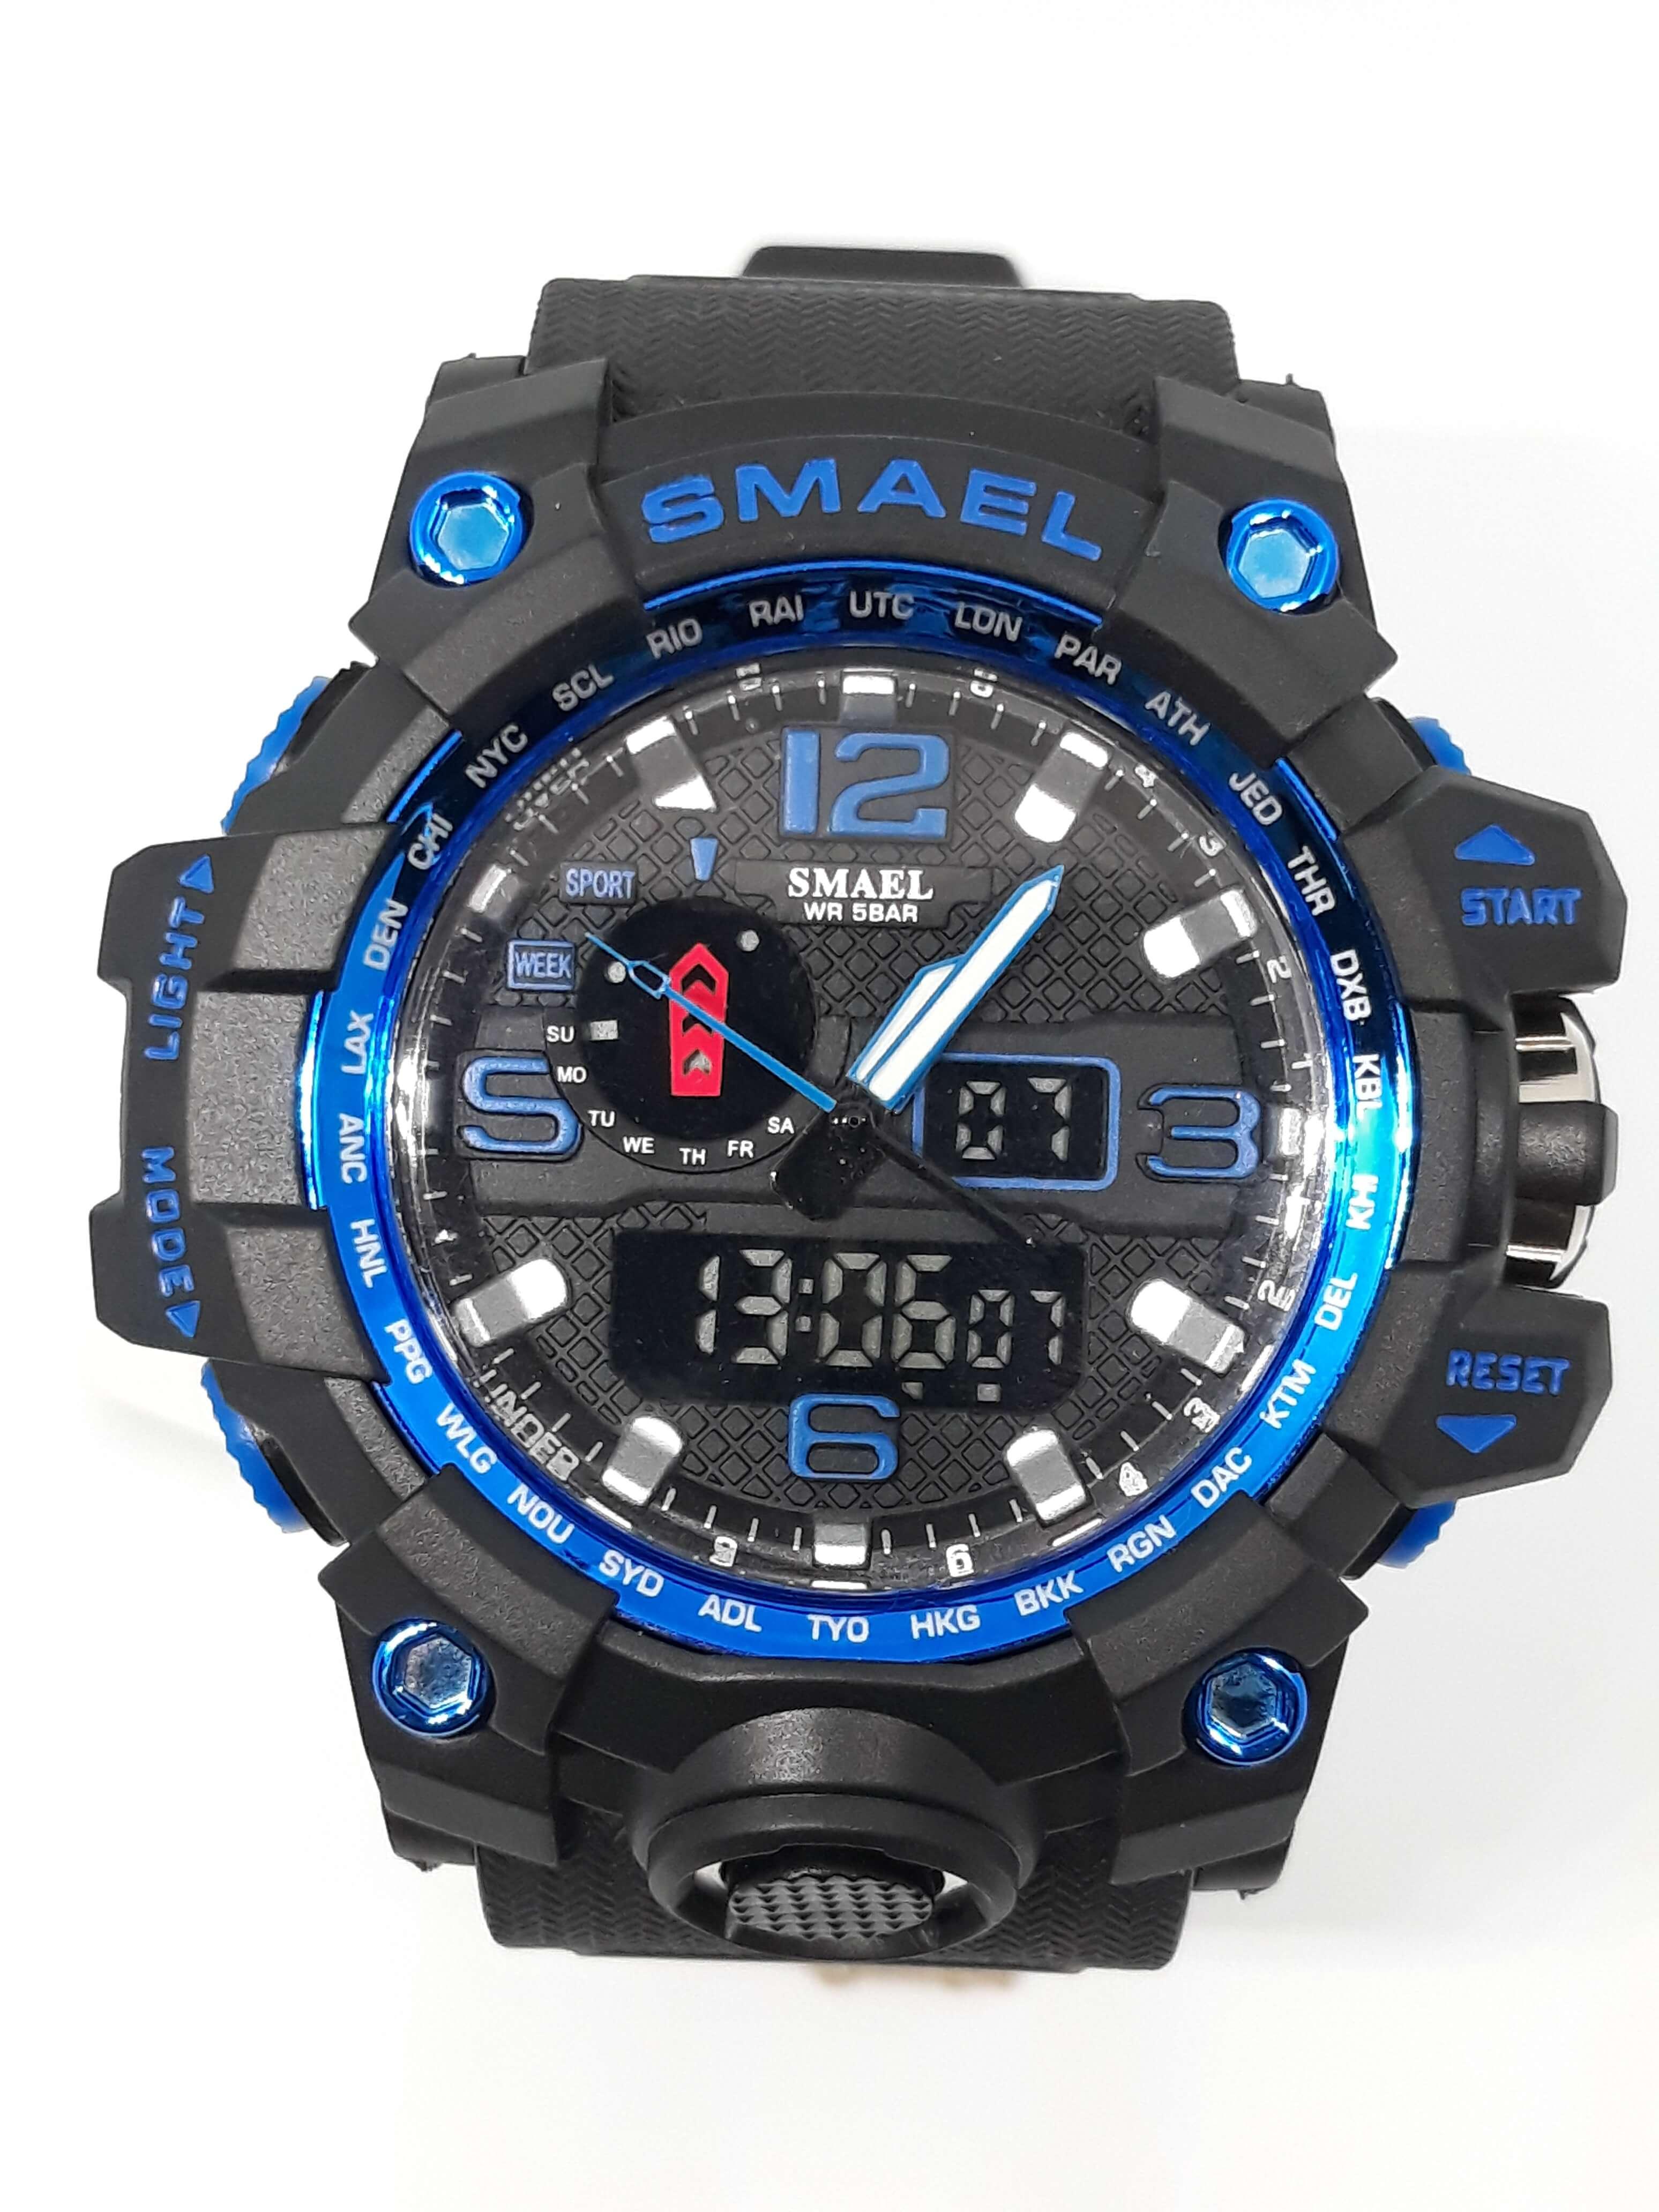 Zegarek Smael Camouflage niebieski czarny 9